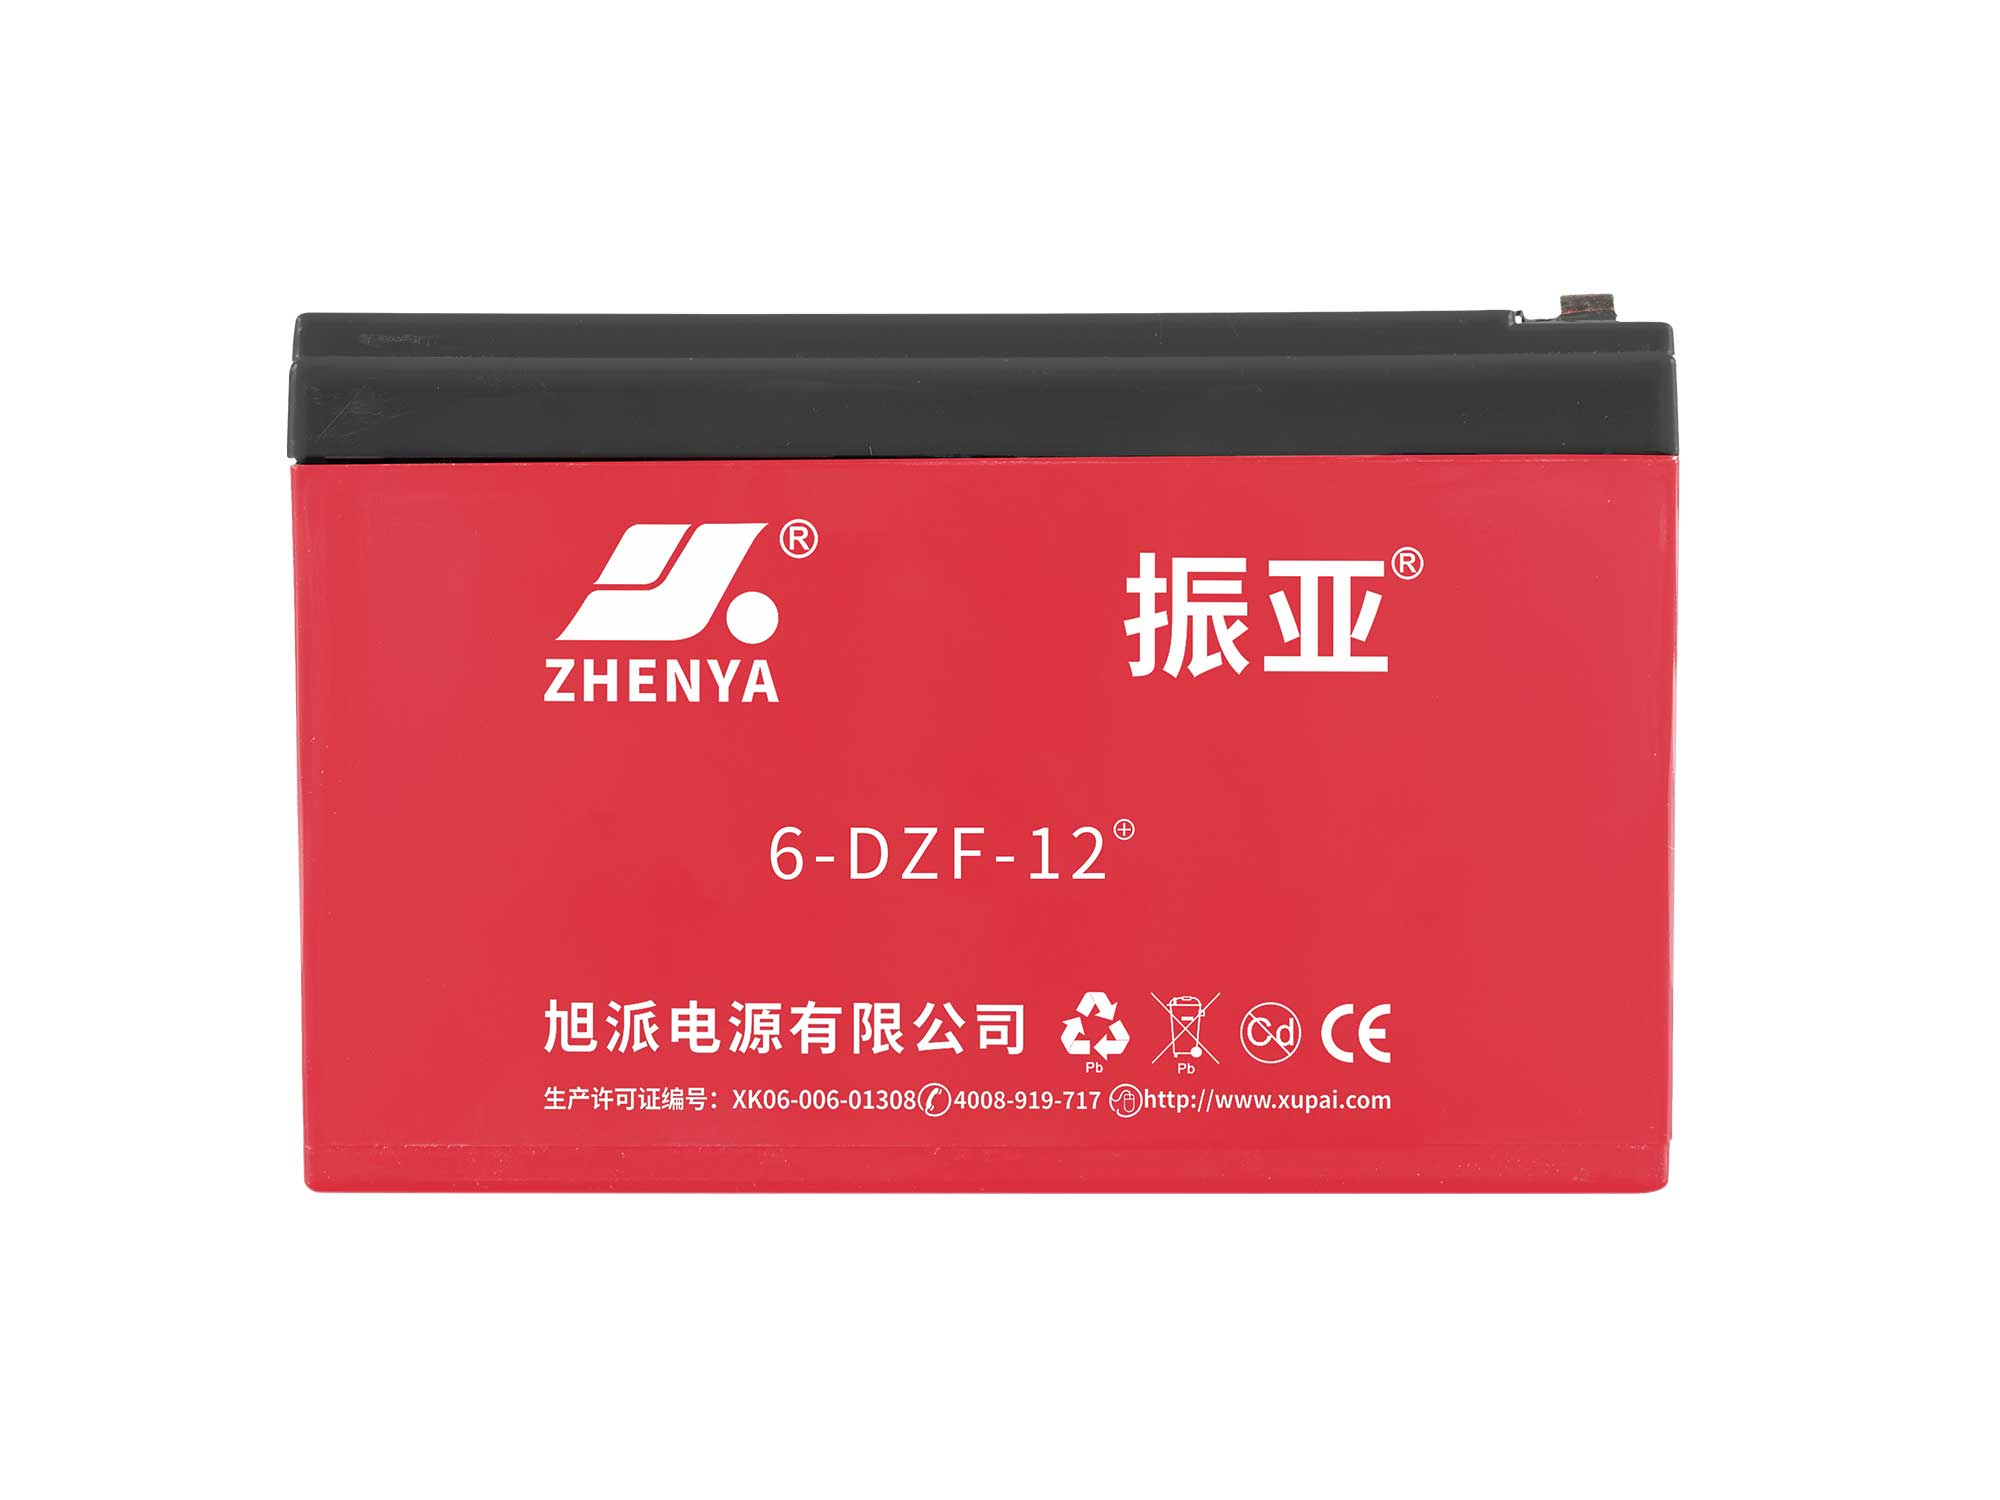 振亞6-DZF-12+電動車電池